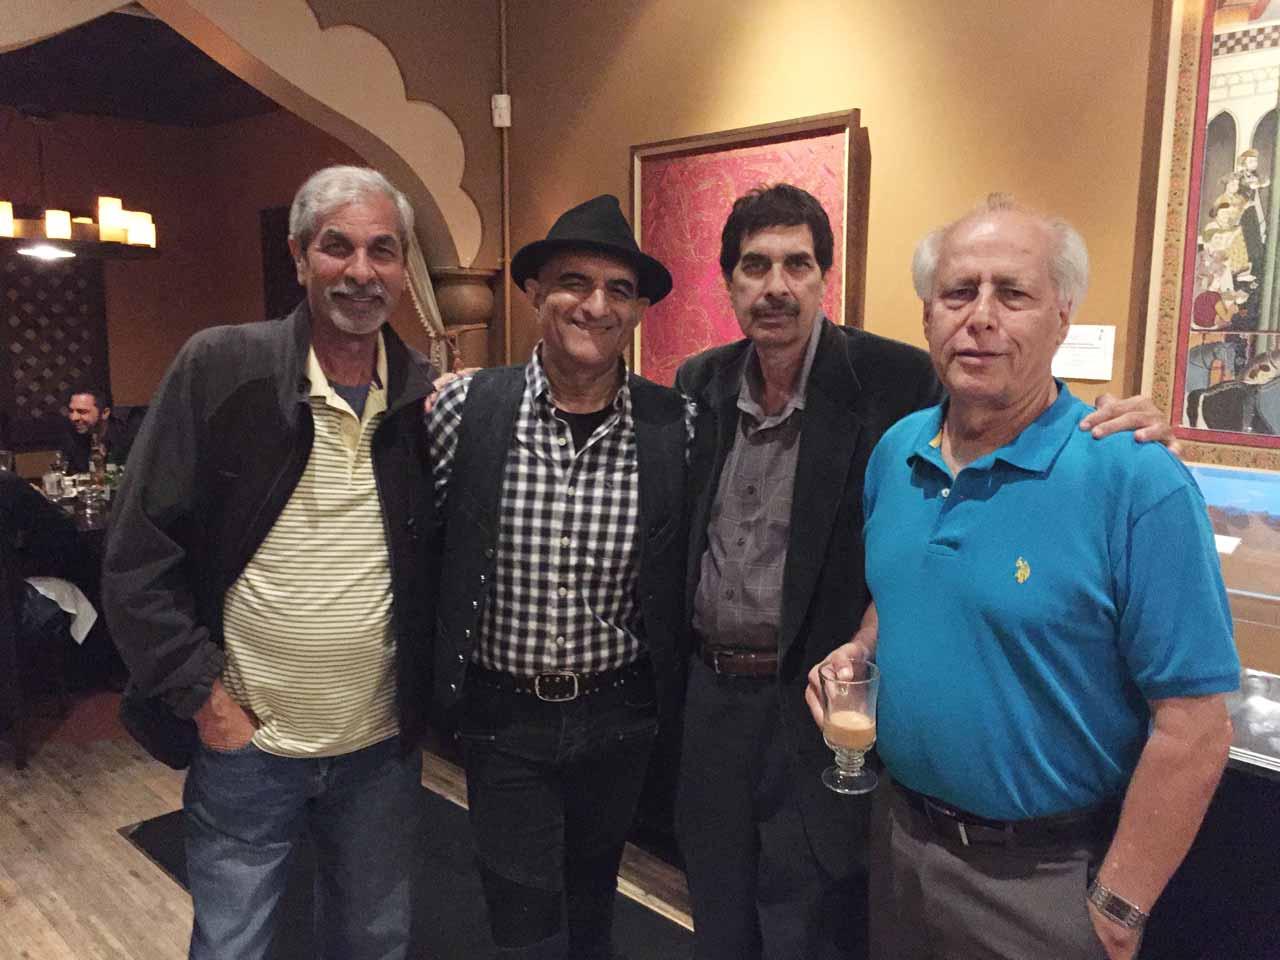 Pervez Randhawa, Ashraf Habibullah, Farid Randhawa, Shahnawaz Ahmad